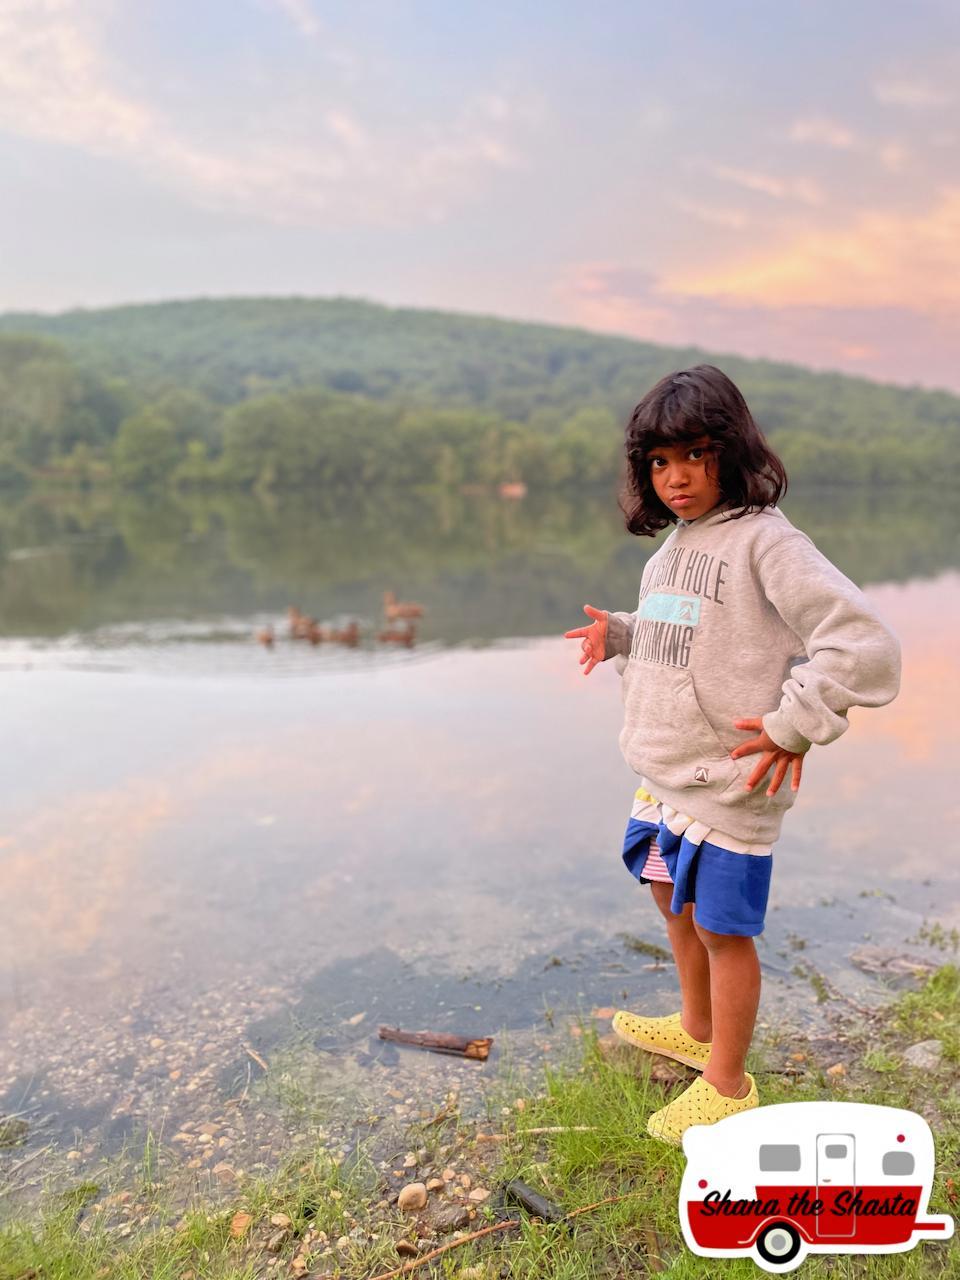 Perfect-Reflection-on-Lake-Waramaug